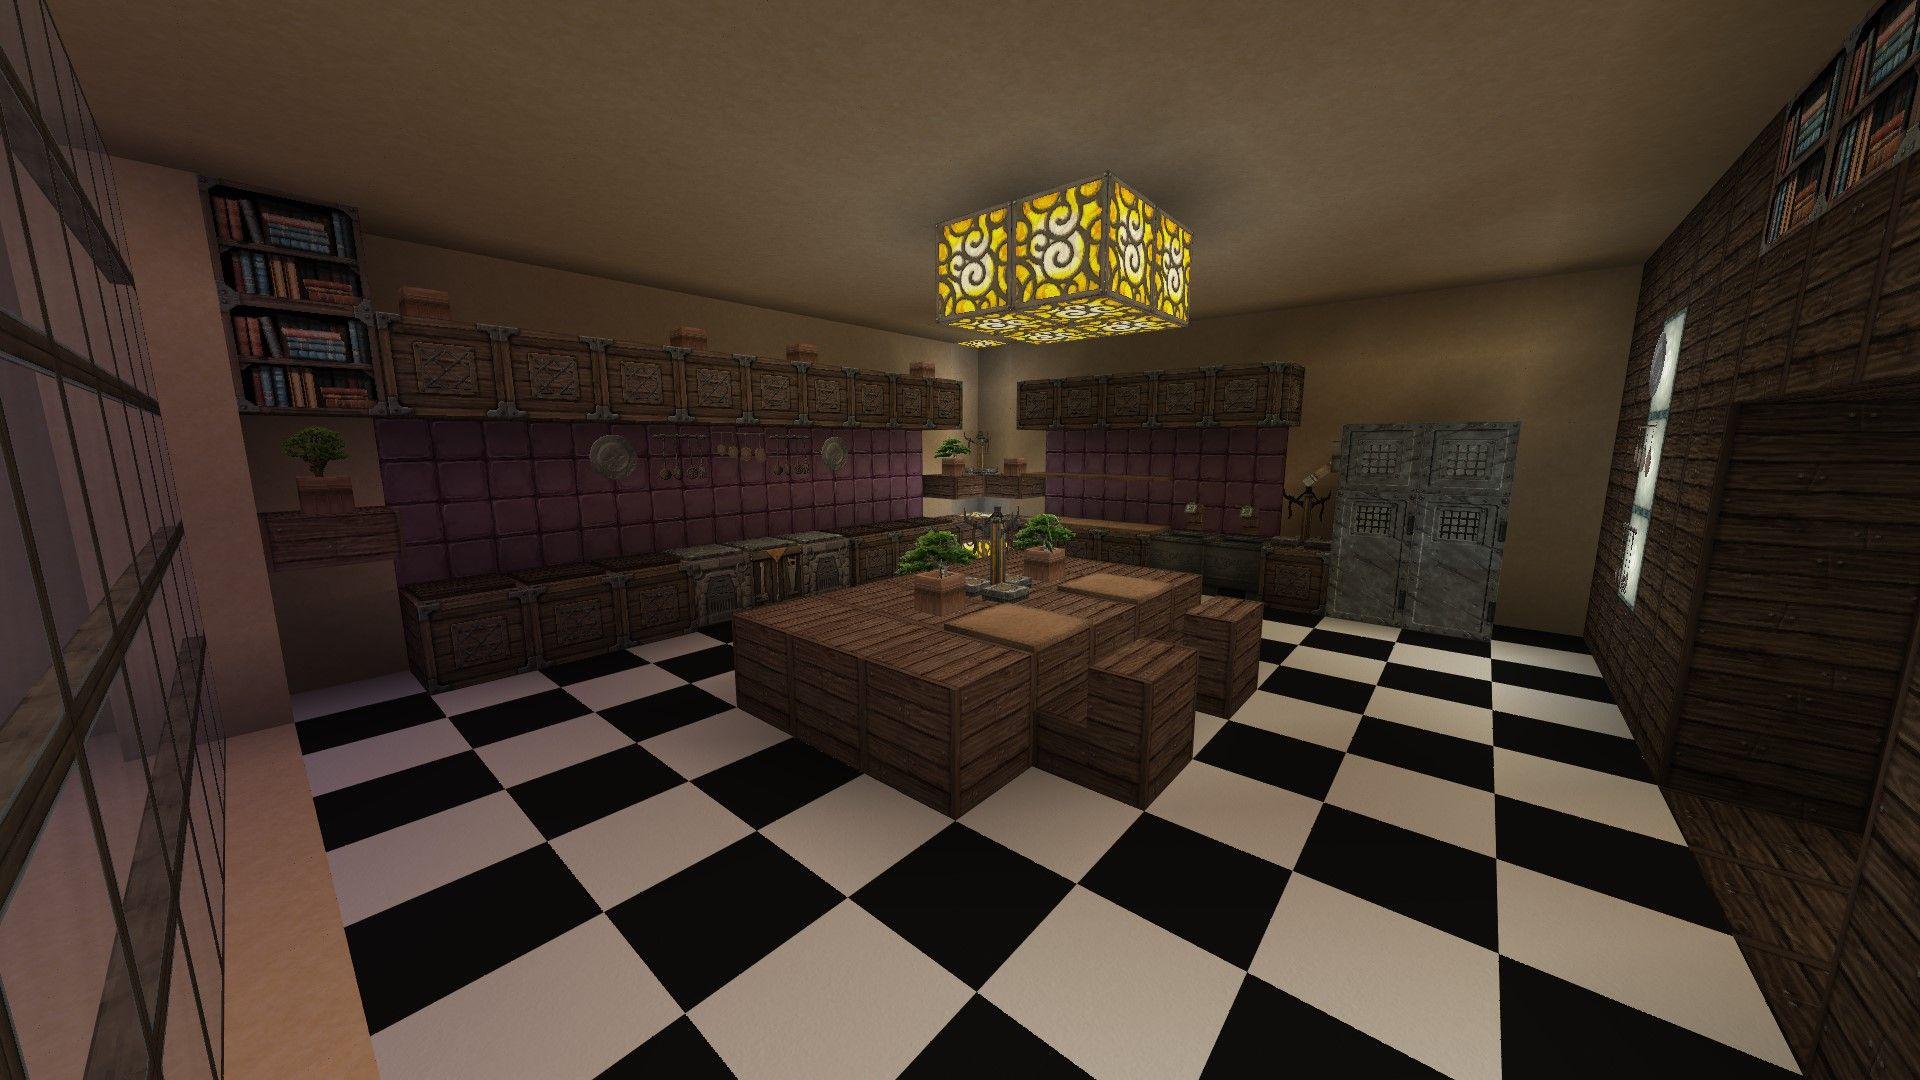 Full Size of Minecraft Küche Pin Von Janka Sebestyen Auf Stengel Miniküche Läufer Inselküche Armaturen Fototapete Kreidetafel Klapptisch Keramik Waschbecken Wohnzimmer Minecraft Küche